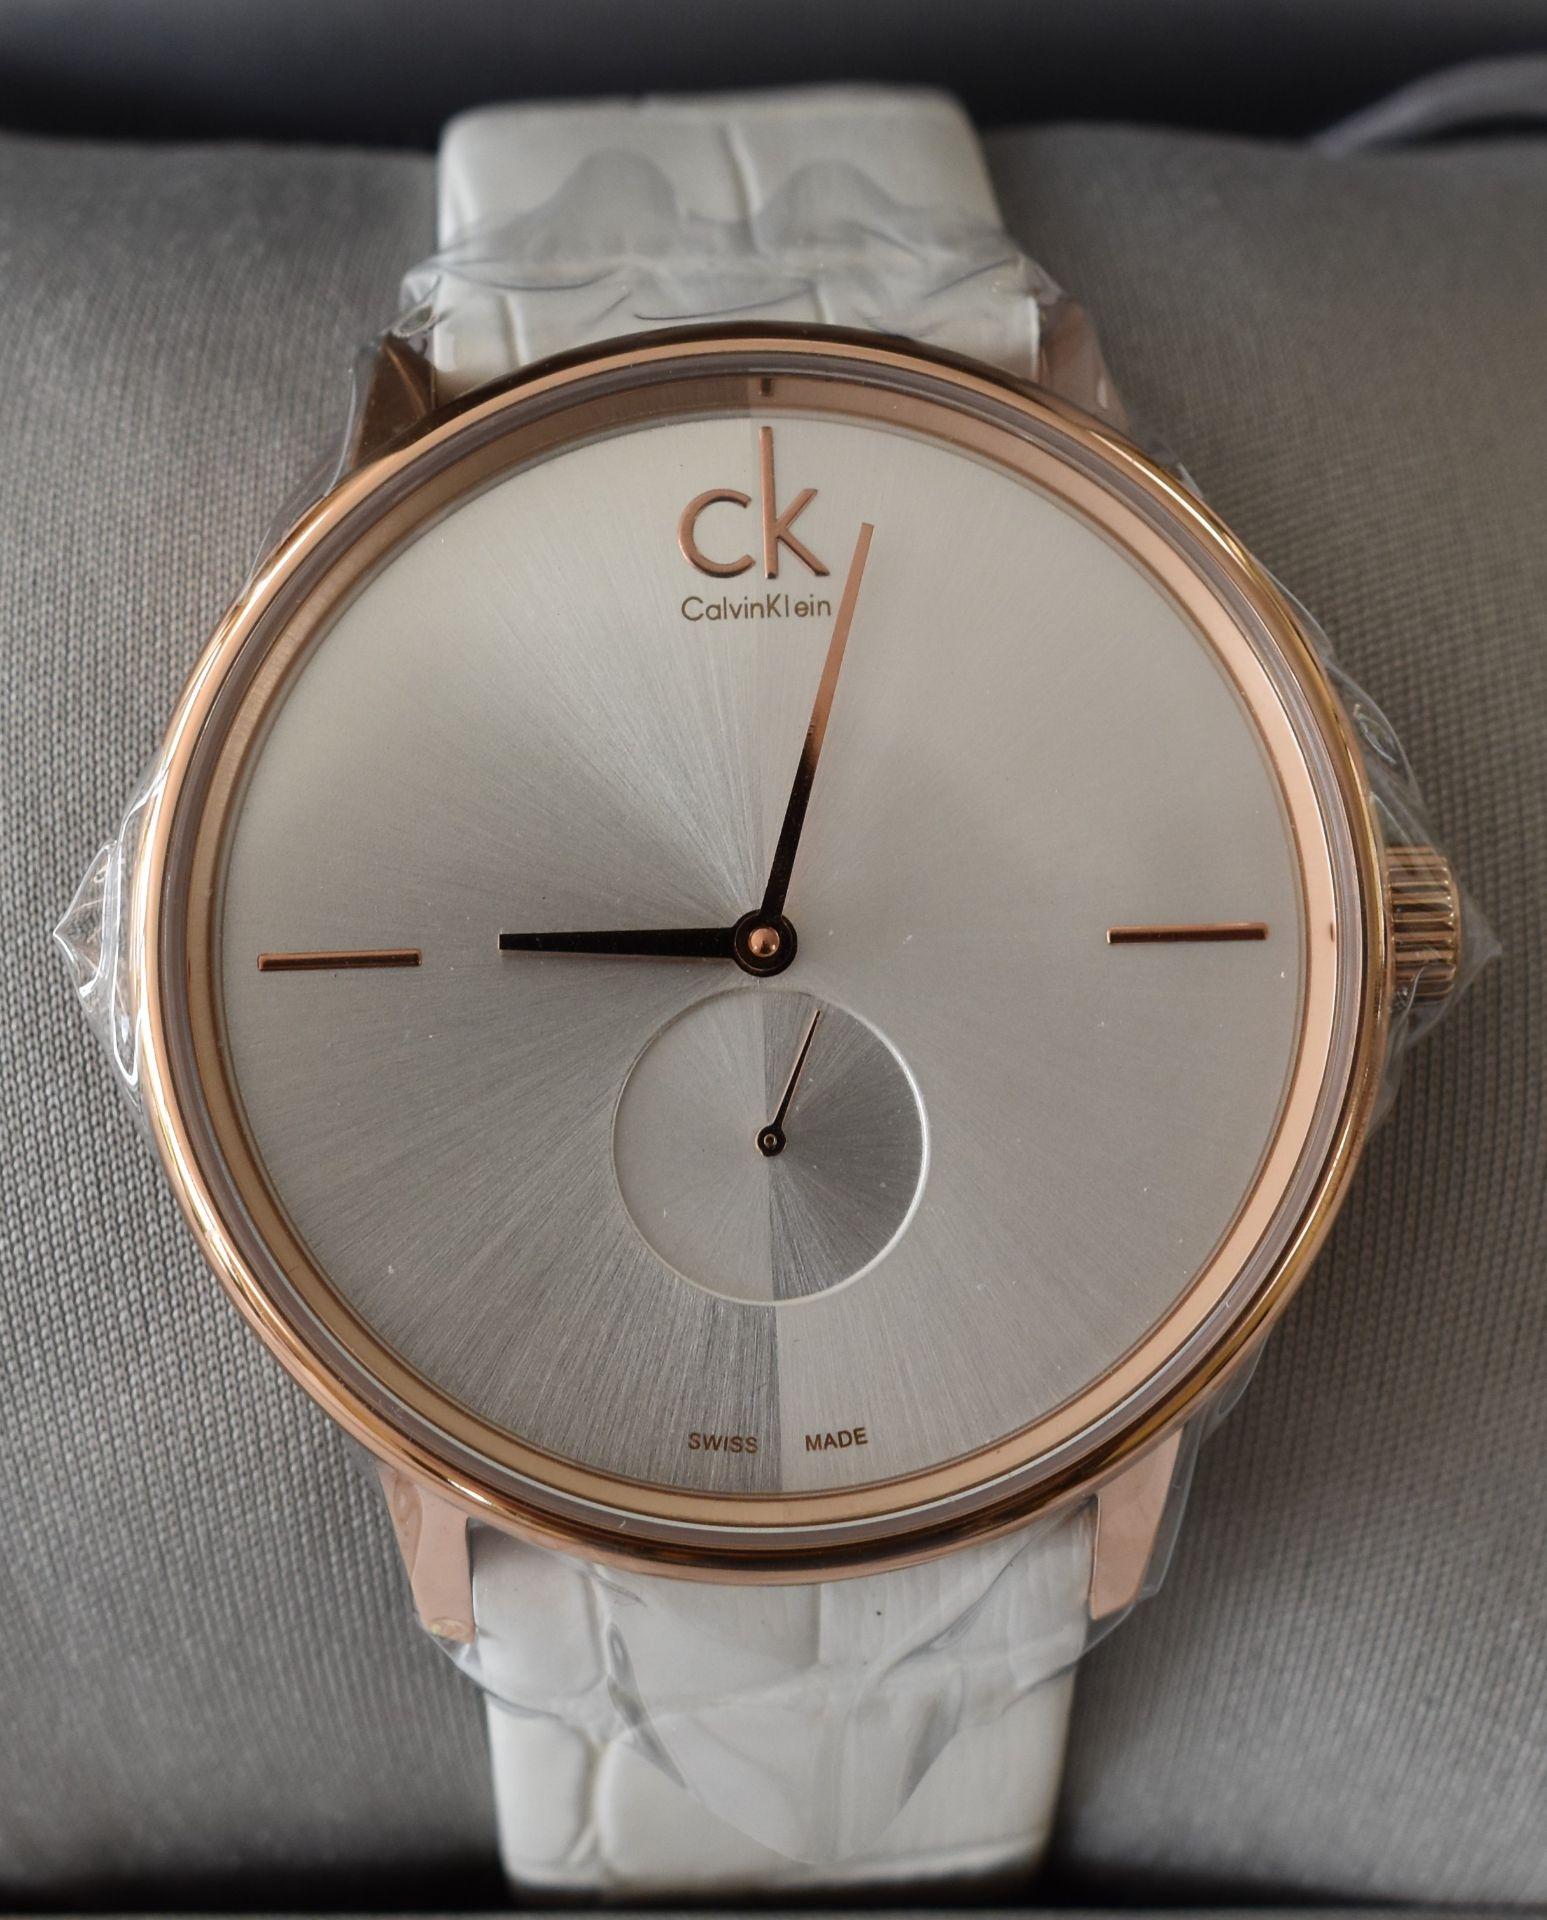 Calvin Klein K2Y216K6 Ladies Watch - Image 2 of 2